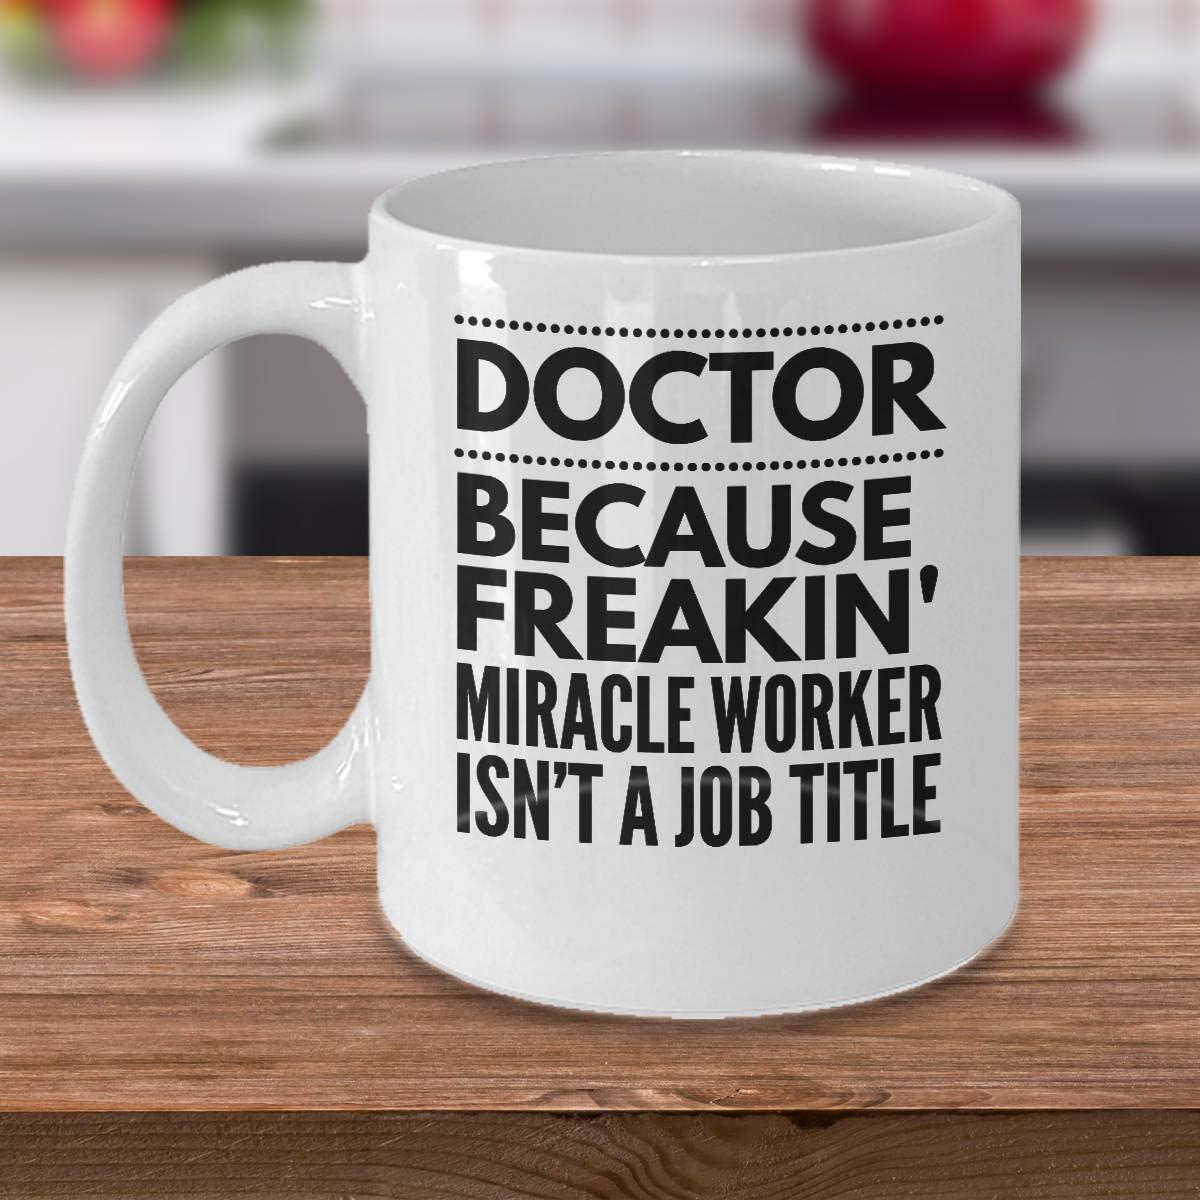 Taza de café para médicos ideas de regalo para médicos presentes para médicos médicos porque Freakin Milagro trabajador es un título de trabajo